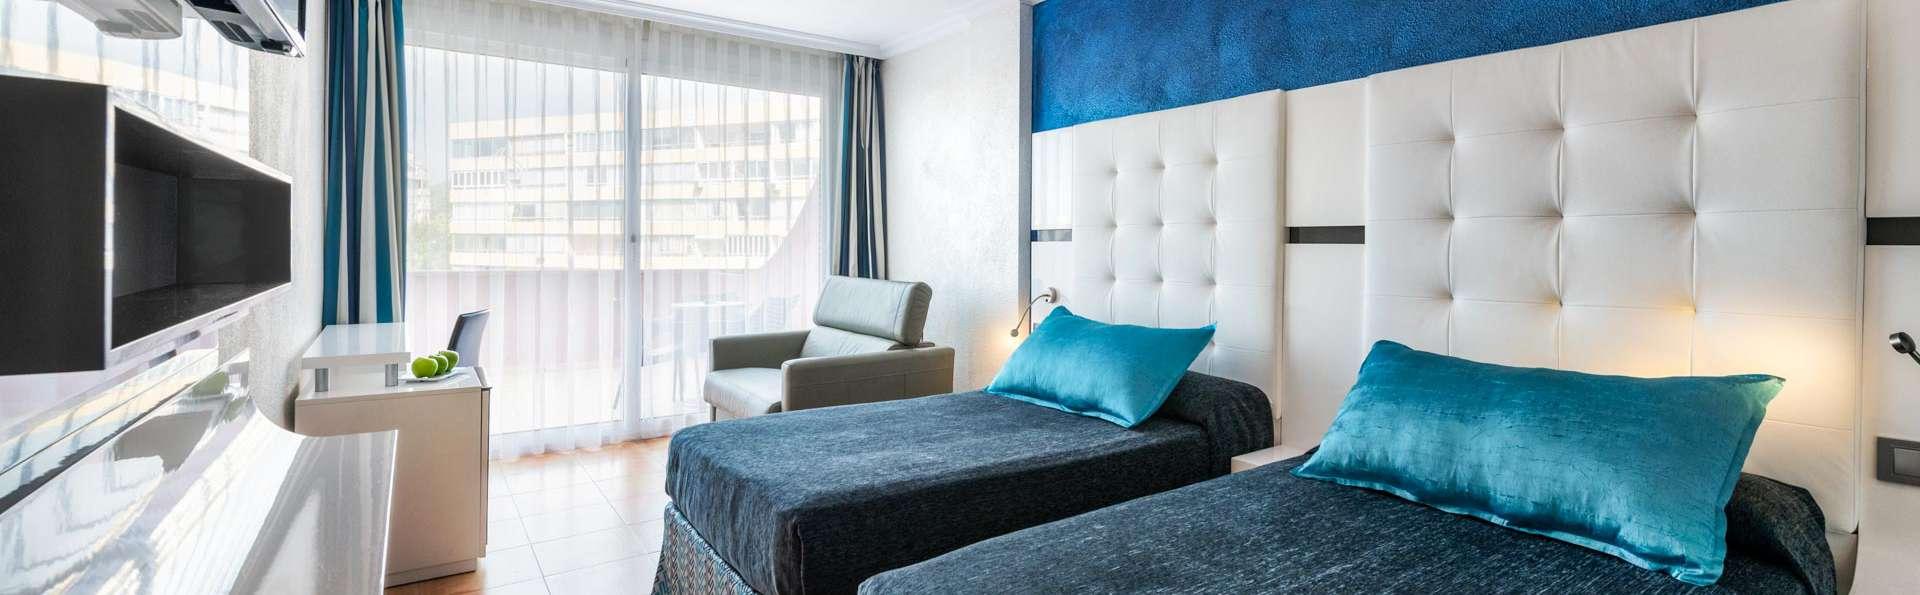 Sallés Hotel Marina Portals - EDIT_ROOM_02.jpg